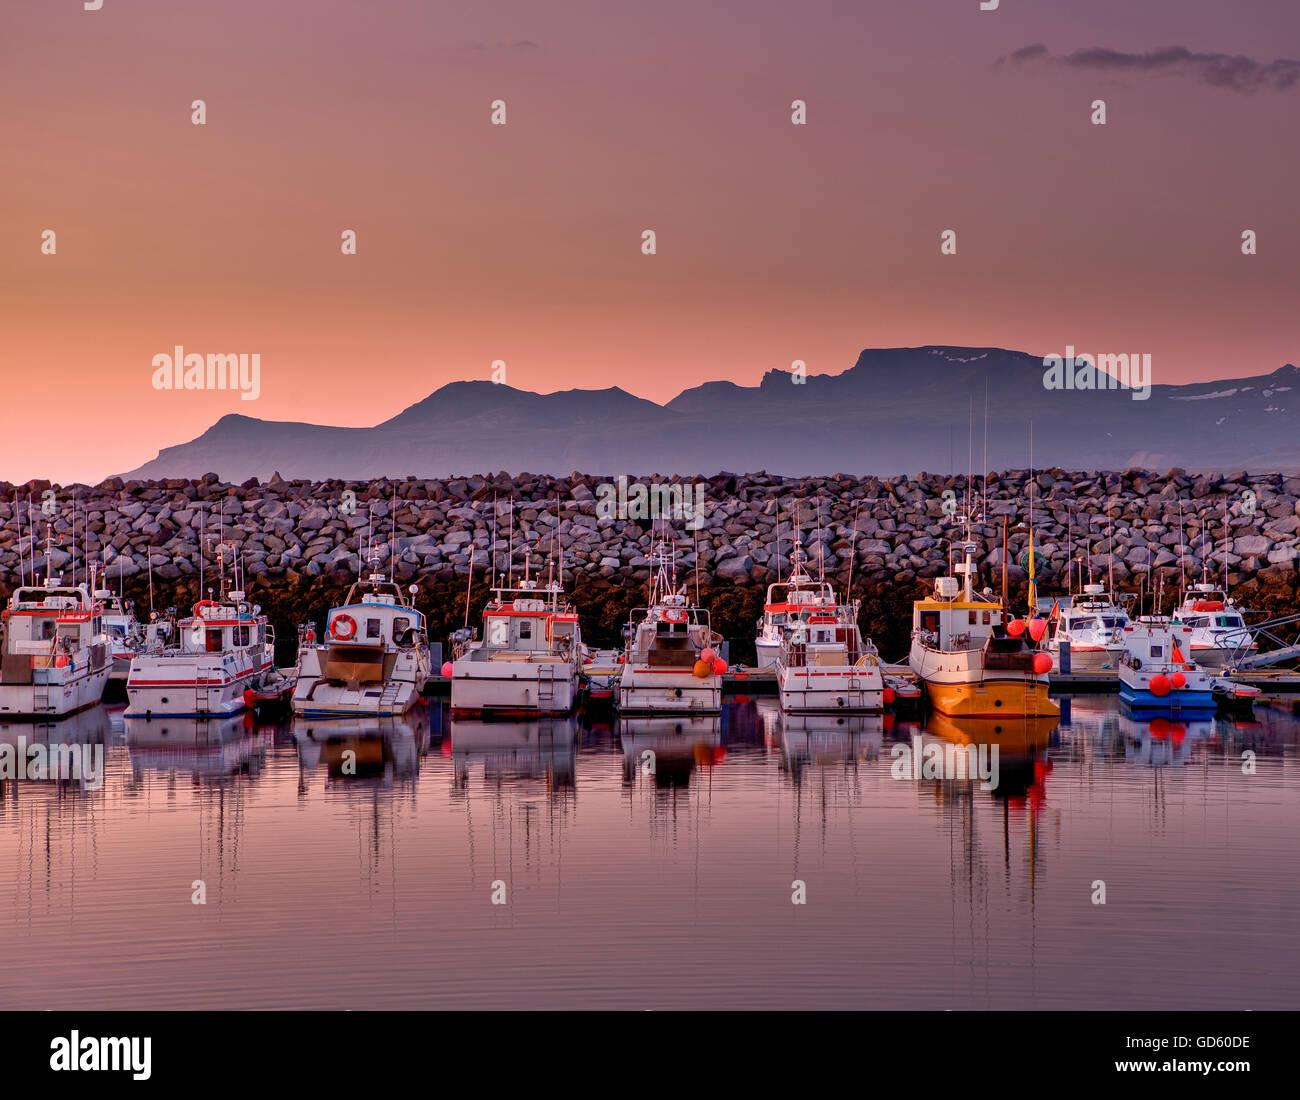 Hafen Sie mit kleinen Fischerbooten, Ólafsvík, Snaefellsnes Halbinsel, Island Stockbild